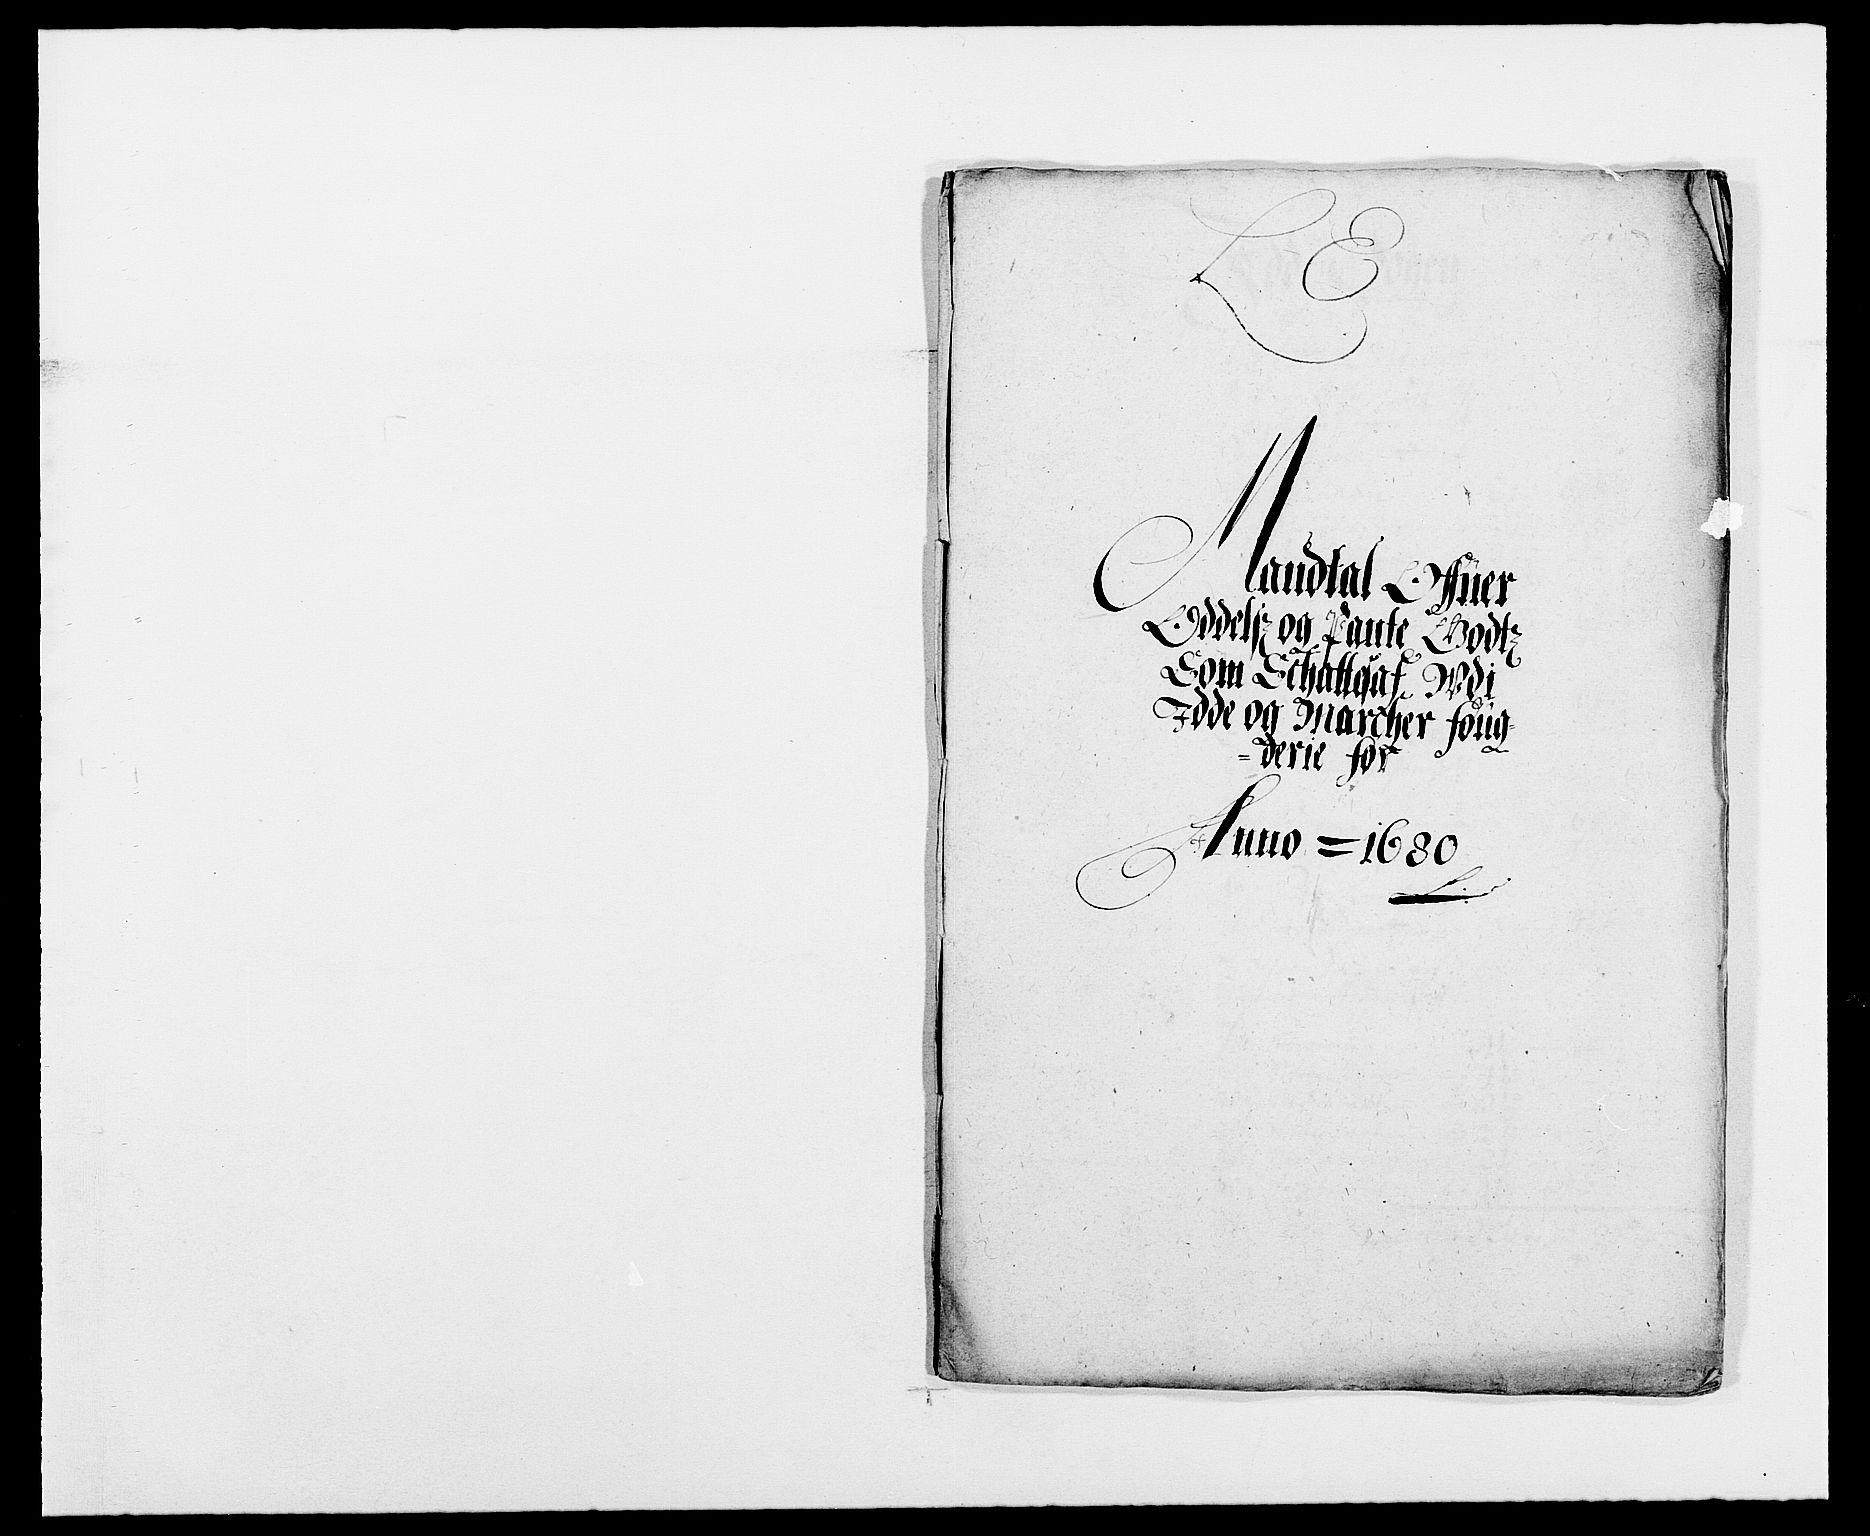 RA, Rentekammeret inntil 1814, Reviderte regnskaper, Fogderegnskap, R01/L0002: Fogderegnskap Idd og Marker, 1680-1681, s. 184